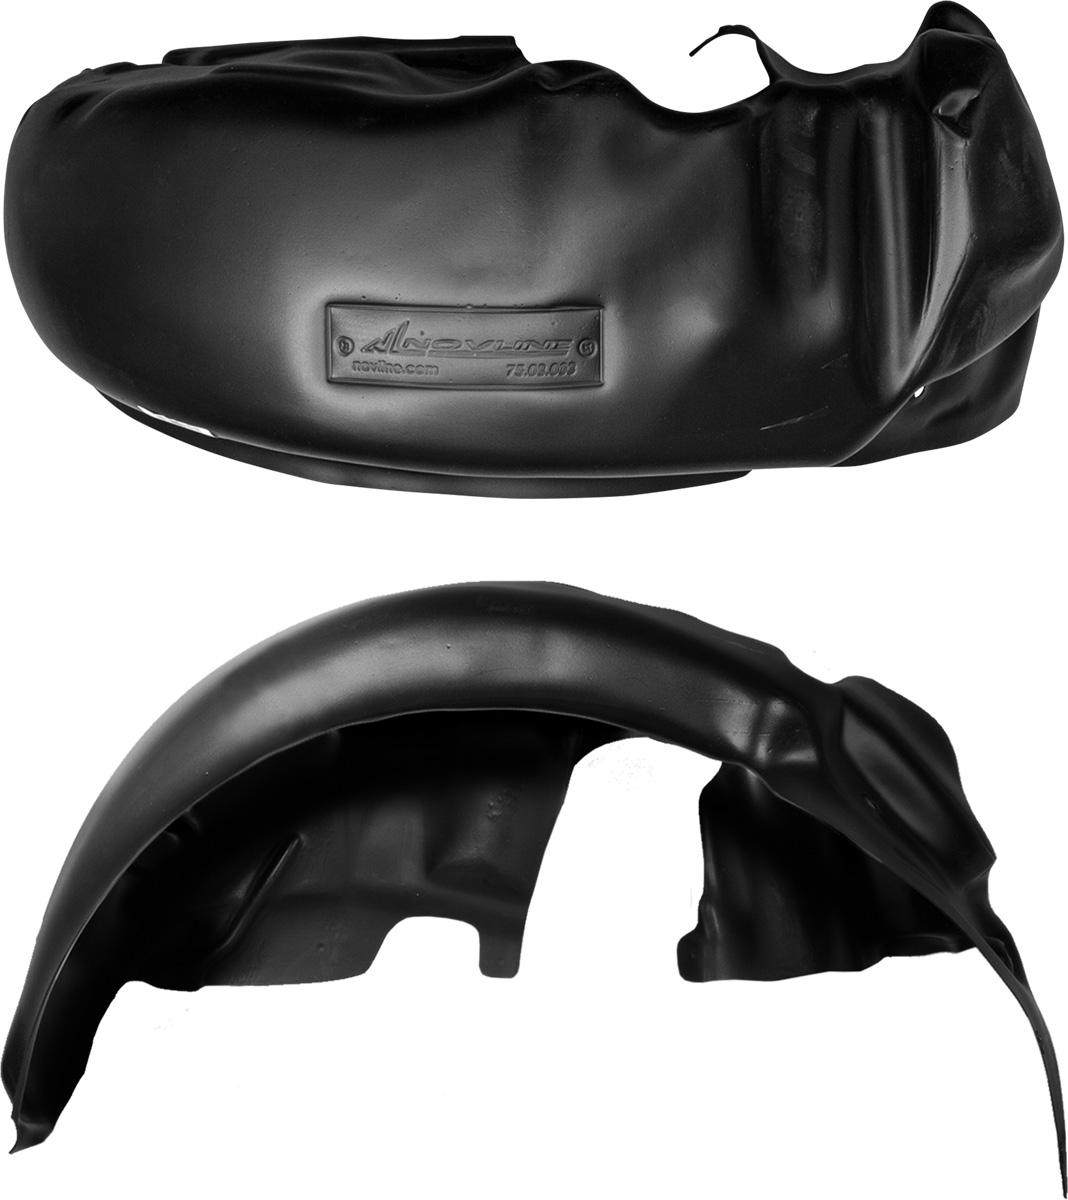 Подкрылок Novline-Autofamily, для Daewoo Gentra, 2013->, задний правыйNLL.11.10.004Колесные ниши – одни из самых уязвимых зон днища вашего автомобиля. Они постоянно подвергаются воздействию со стороны дороги. Лучшая, почти абсолютная защита для них - специально отформованные пластиковые кожухи, которые называются подкрылками, или локерами. Производятся они как для отечественных моделей автомобилей, так и для иномарок. Подкрылки выполнены из высококачественного, экологически чистого пластика. Обеспечивают надежную защиту кузова автомобиля от пескоструйного эффекта и негативного влияния, агрессивных антигололедных реагентов. Пластик обладает более низкой теплопроводностью, чем металл, поэтому в зимний период эксплуатации использование пластиковых подкрылков позволяет лучше защитить колесные ниши от налипания снега и образования наледи. Оригинальность конструкции подчеркивает элегантность автомобиля, бережно защищает нанесенное на днище кузова антикоррозийное покрытие и позволяет осуществить крепление подкрылков внутри колесной арки практически без дополнительного крепежа и сверления, не нарушая при этом лакокрасочного покрытия, что предотвращает возникновение новых очагов коррозии. Технология крепления подкрылков на иномарки принципиально отличается от крепления на российские автомобили и разрабатывается индивидуально для каждой модели автомобиля. Подкрылки долговечны, обладают высокой прочностью и сохраняют заданную форму, а также все свои физико-механические характеристики в самых тяжелых климатических условиях ( от -50° С до + 50° С).